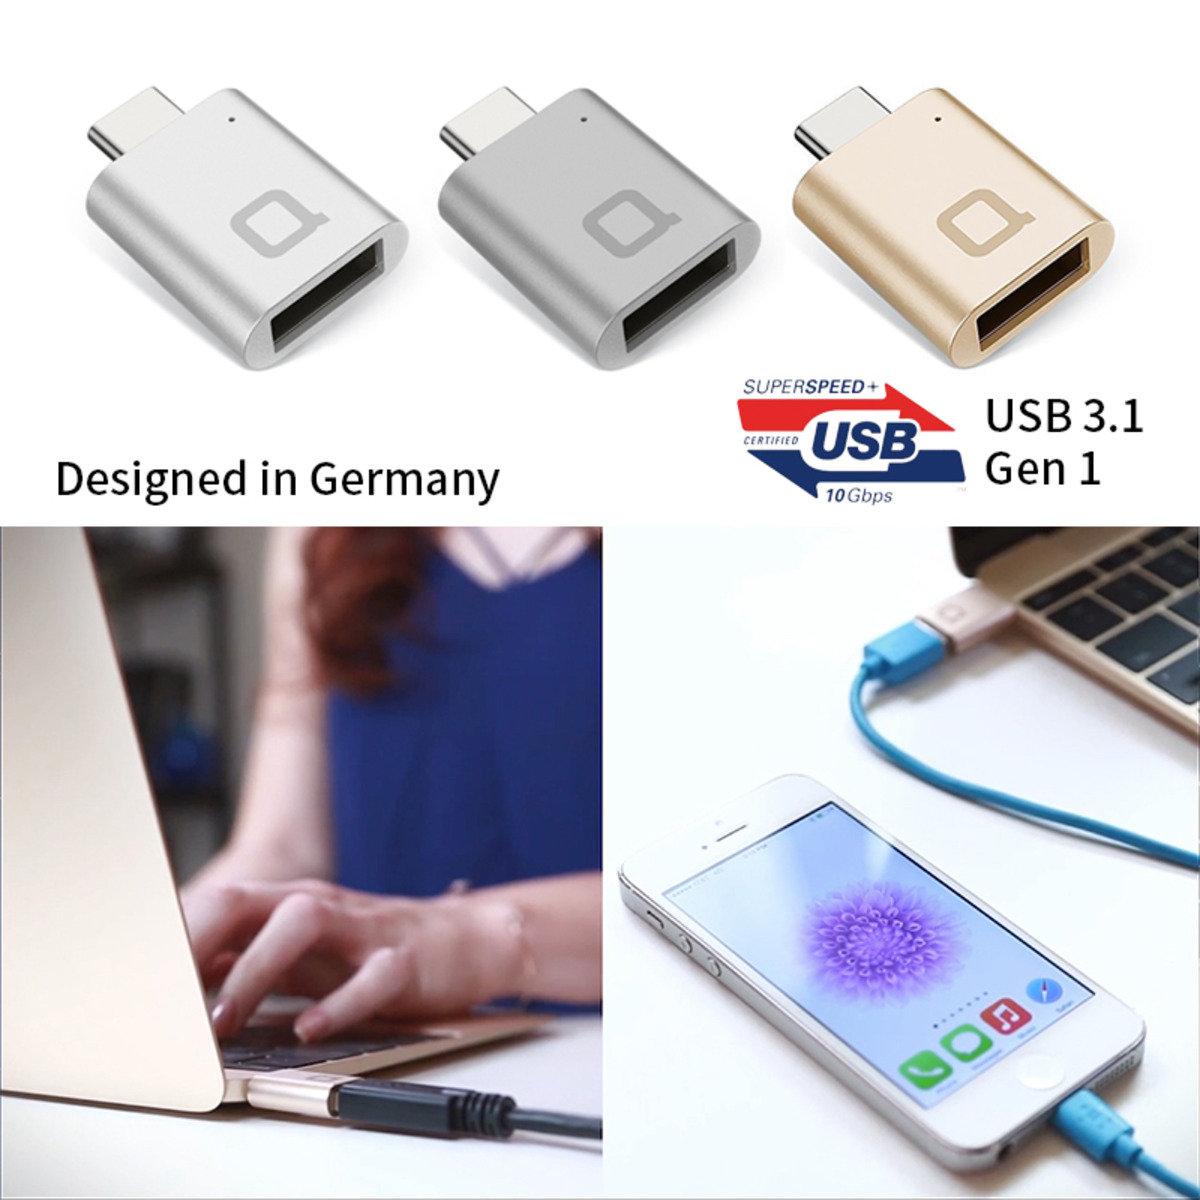 USB-C/USB 3.0 迷你轉接頭 - 德國設計(MacBook適用)